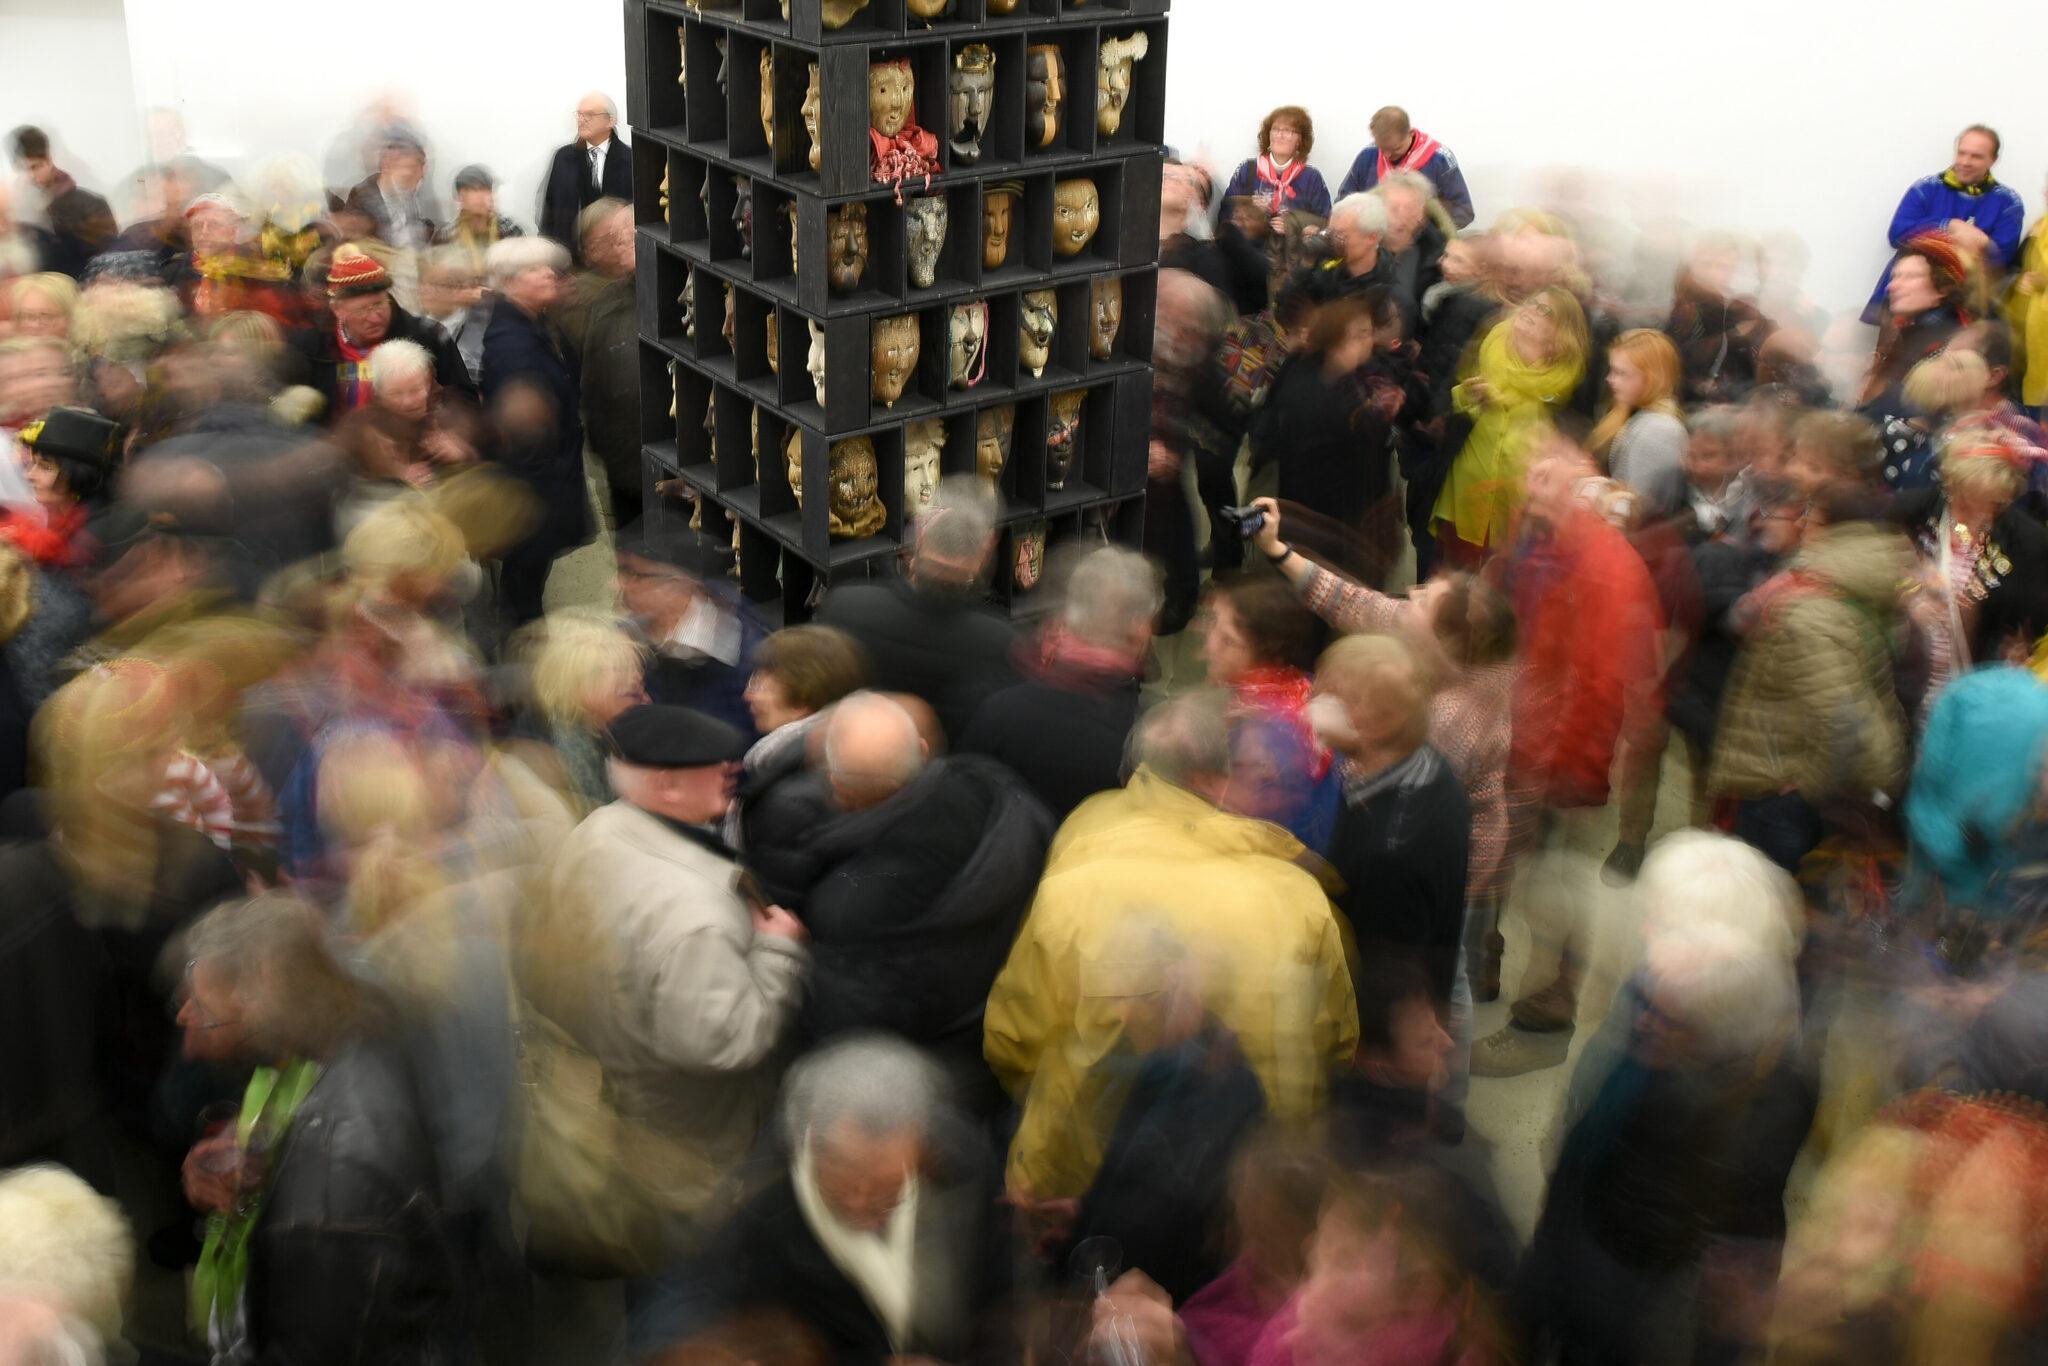 Nur 80 Gäste können am Samstag mein Jubiläum dabei sein. Oft war es im Bürgersaal brodelnd voll, etwa bei Ausstellung mit Larven Willi Buchers zum Narrentag 2017. Archivfoto: al